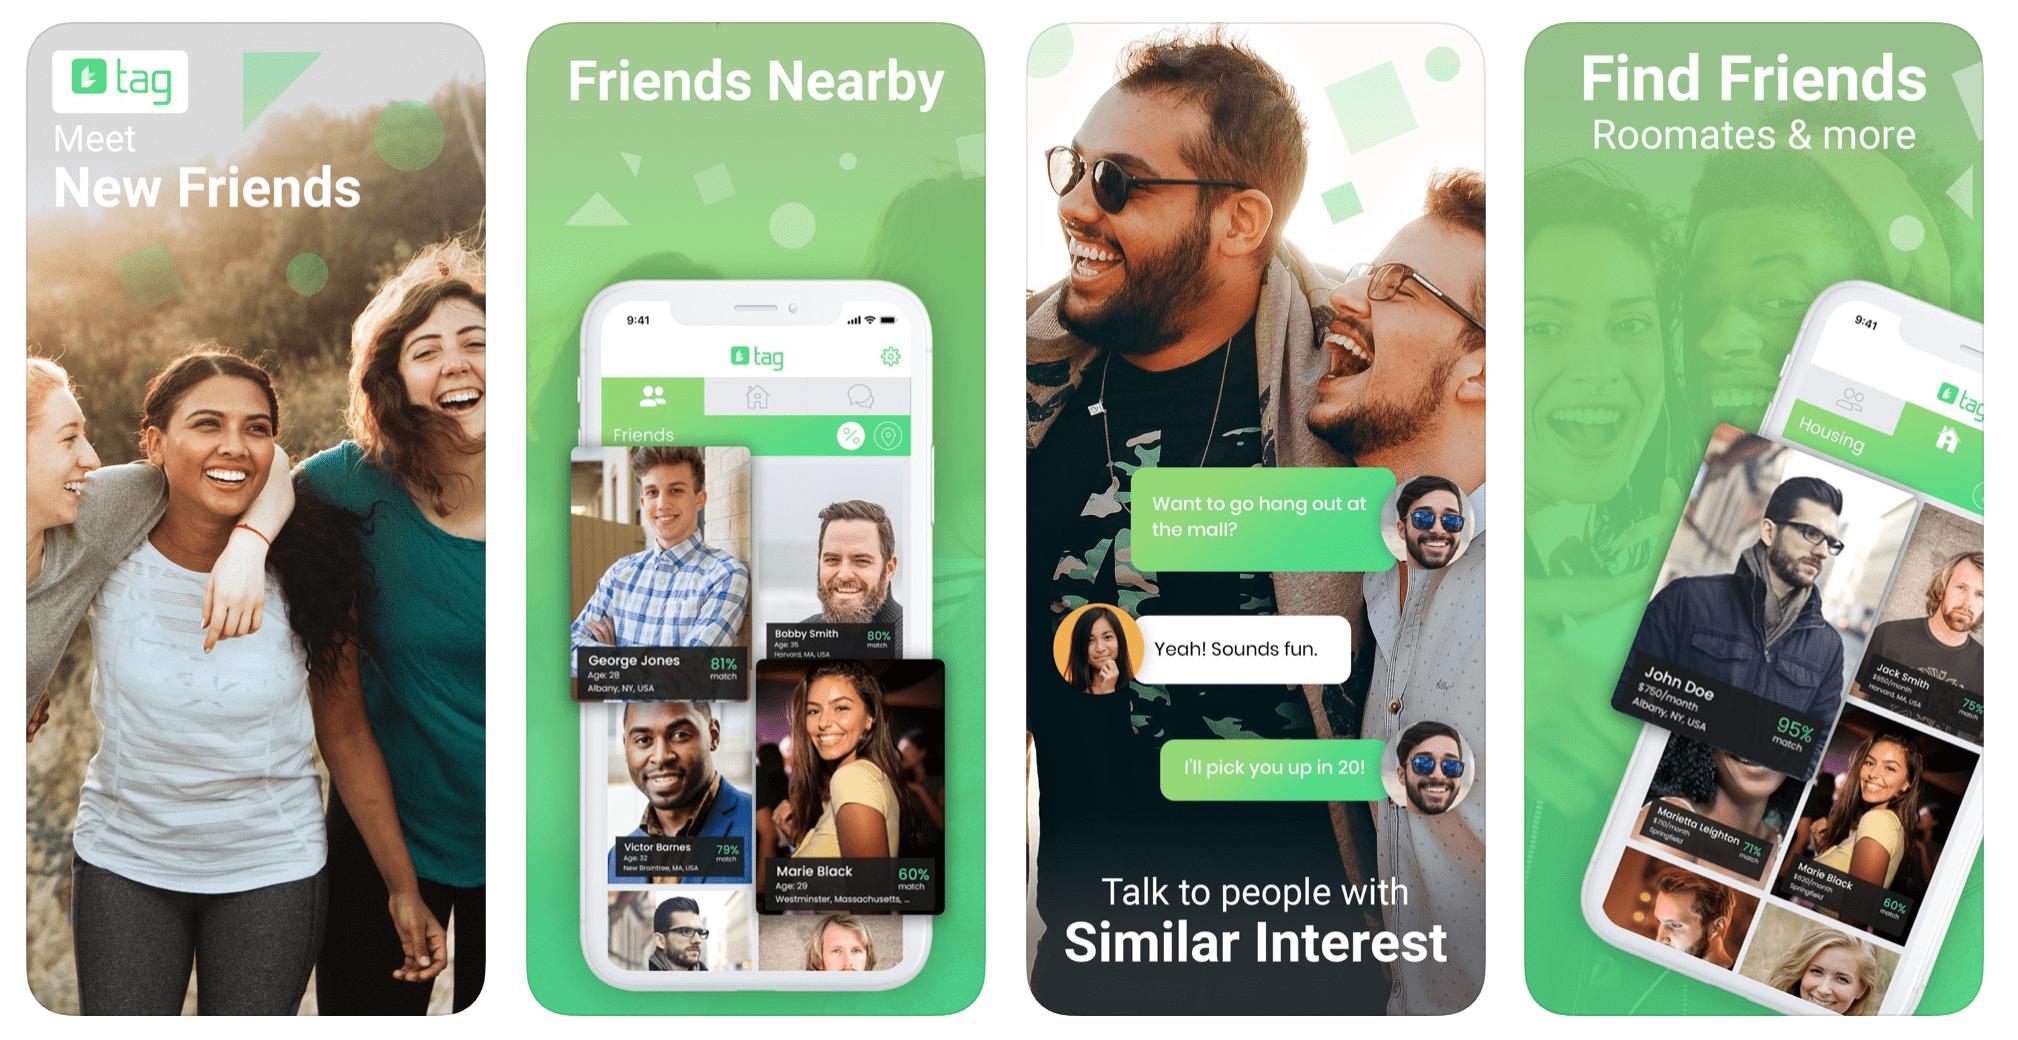 Friend Finder